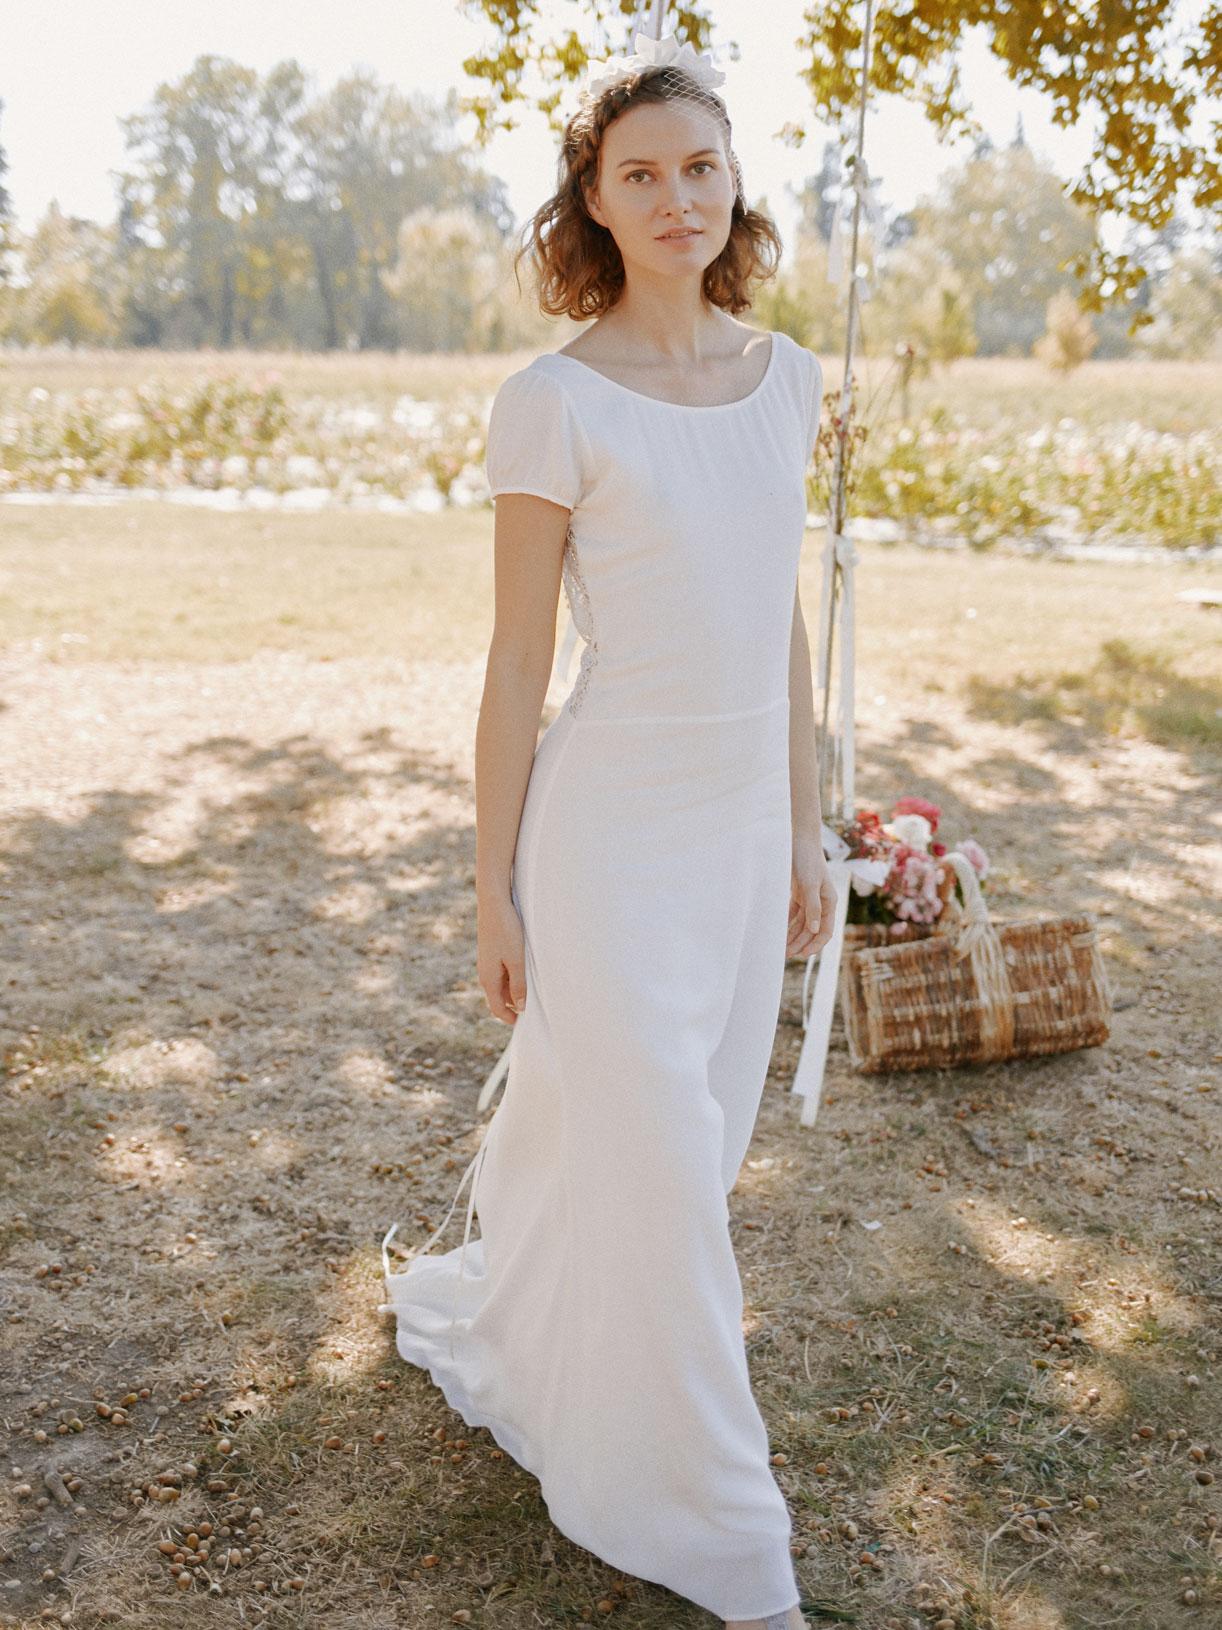 Robe sirène pour mariage civil dos-nu en dentelle - Myphilosophy